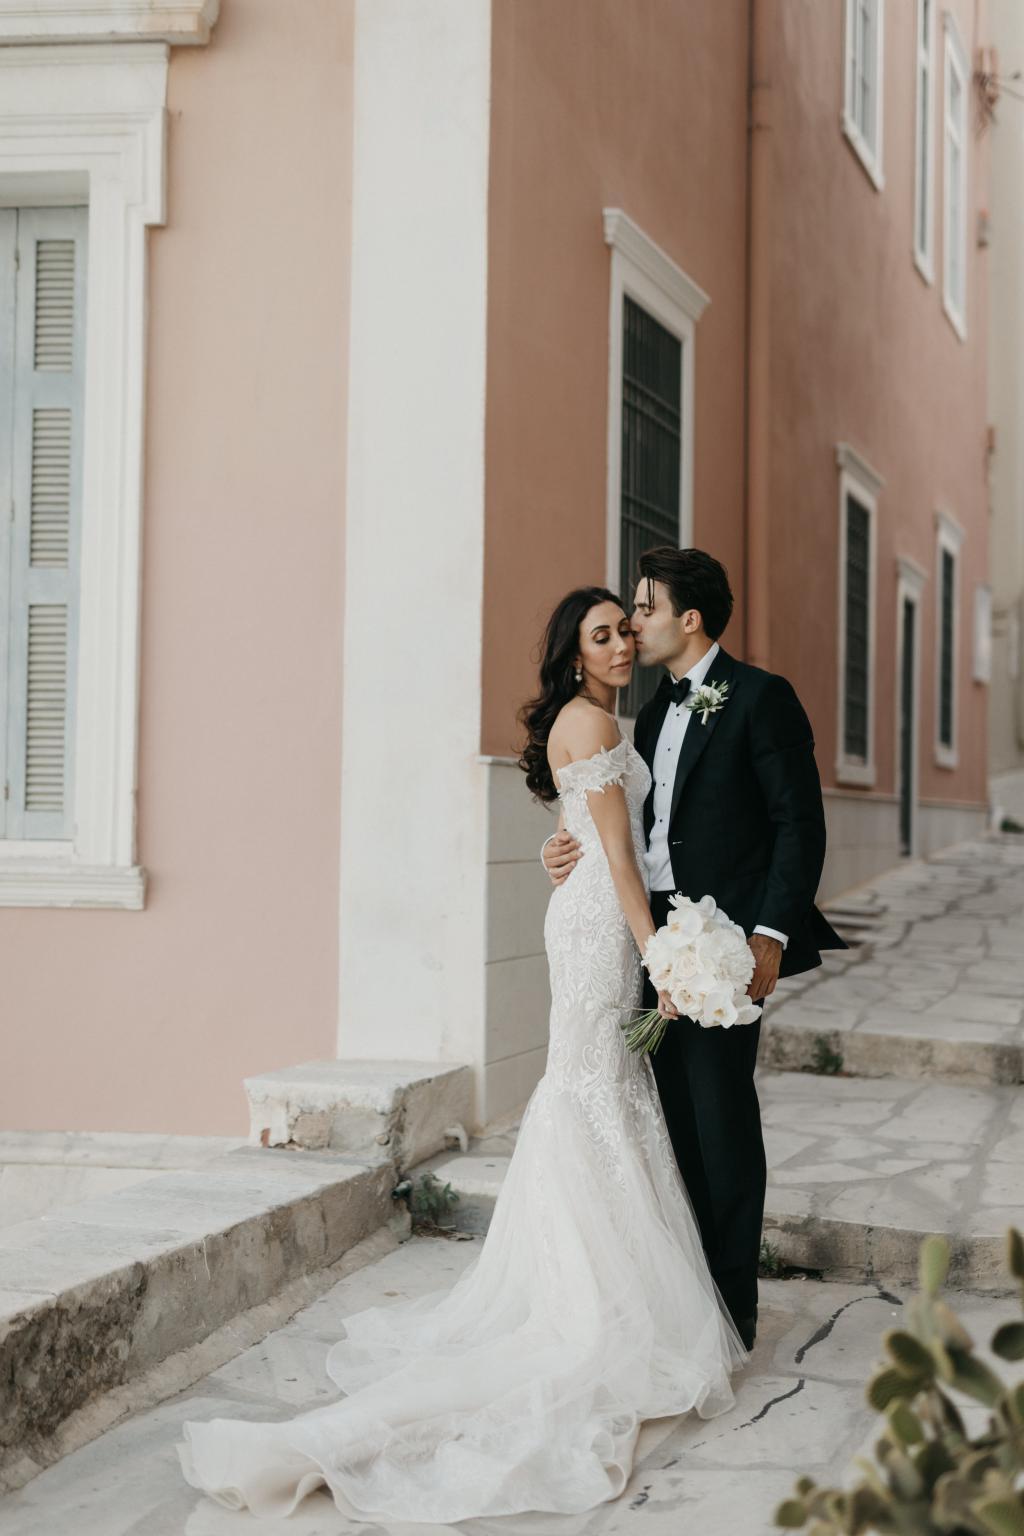 H&W Syros wedding - Image 18